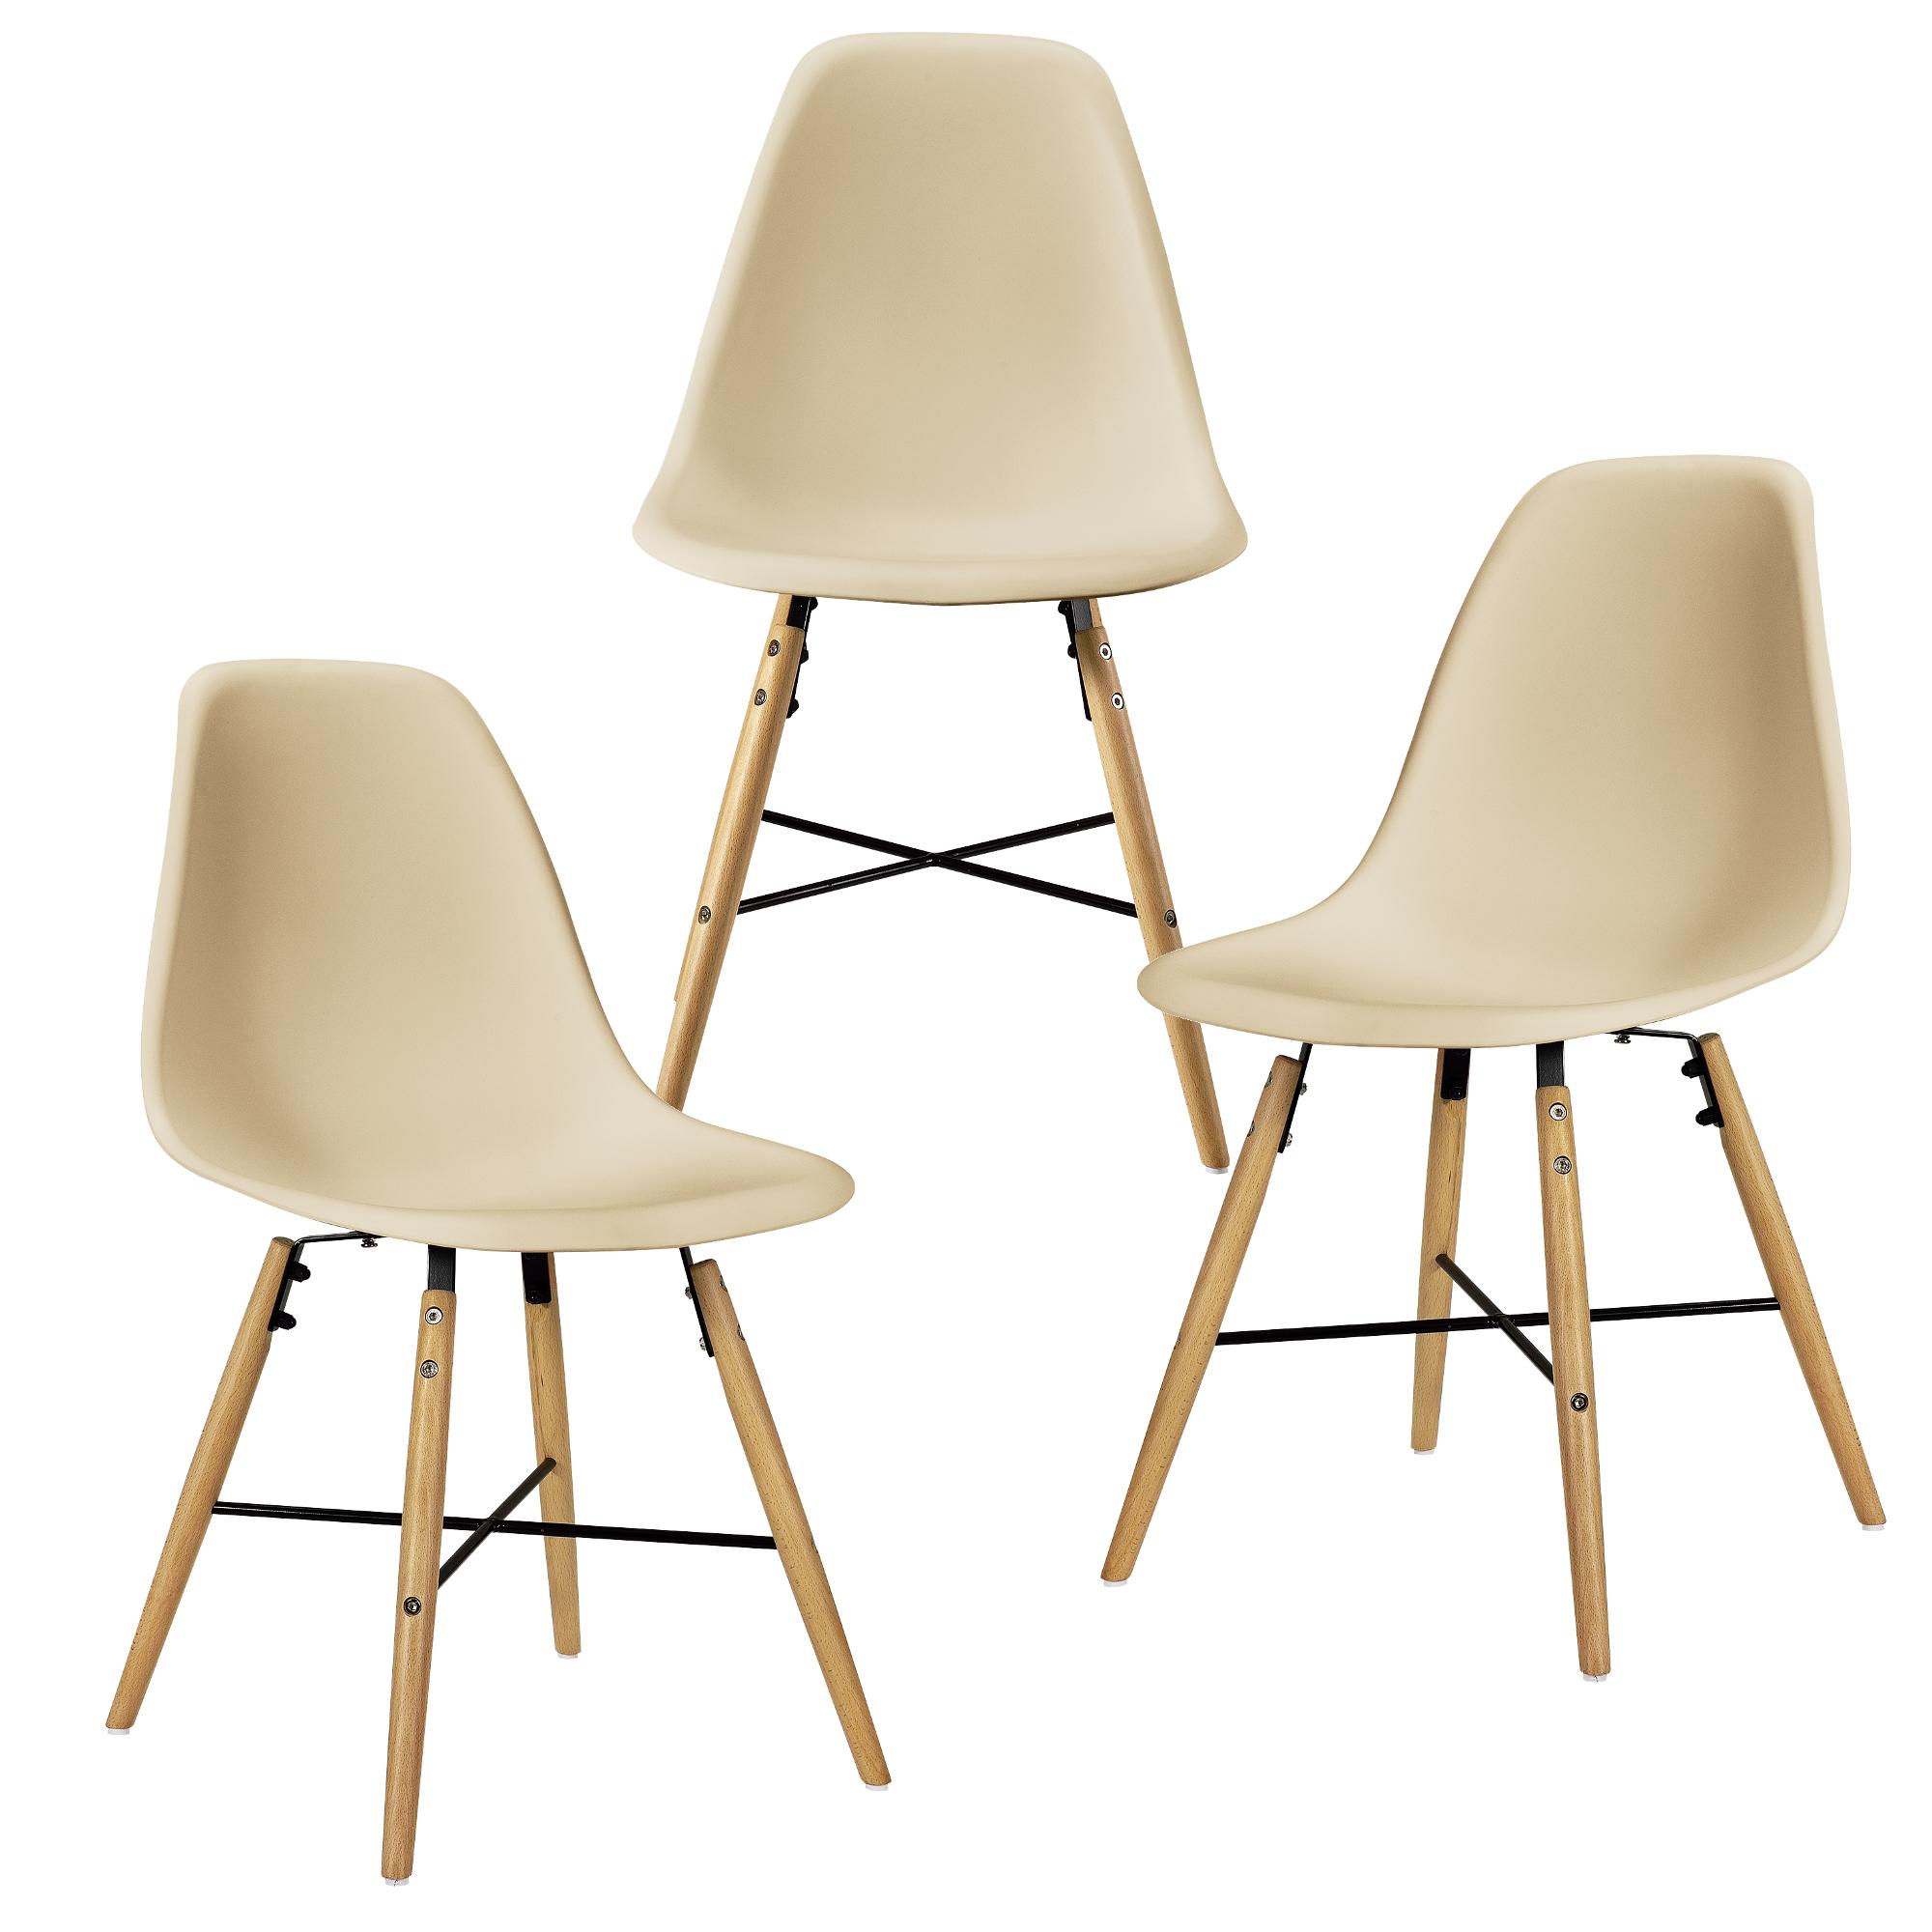 Table de salle manger noir mit 3 chaises beige for Table salle manger 80 cm largeur